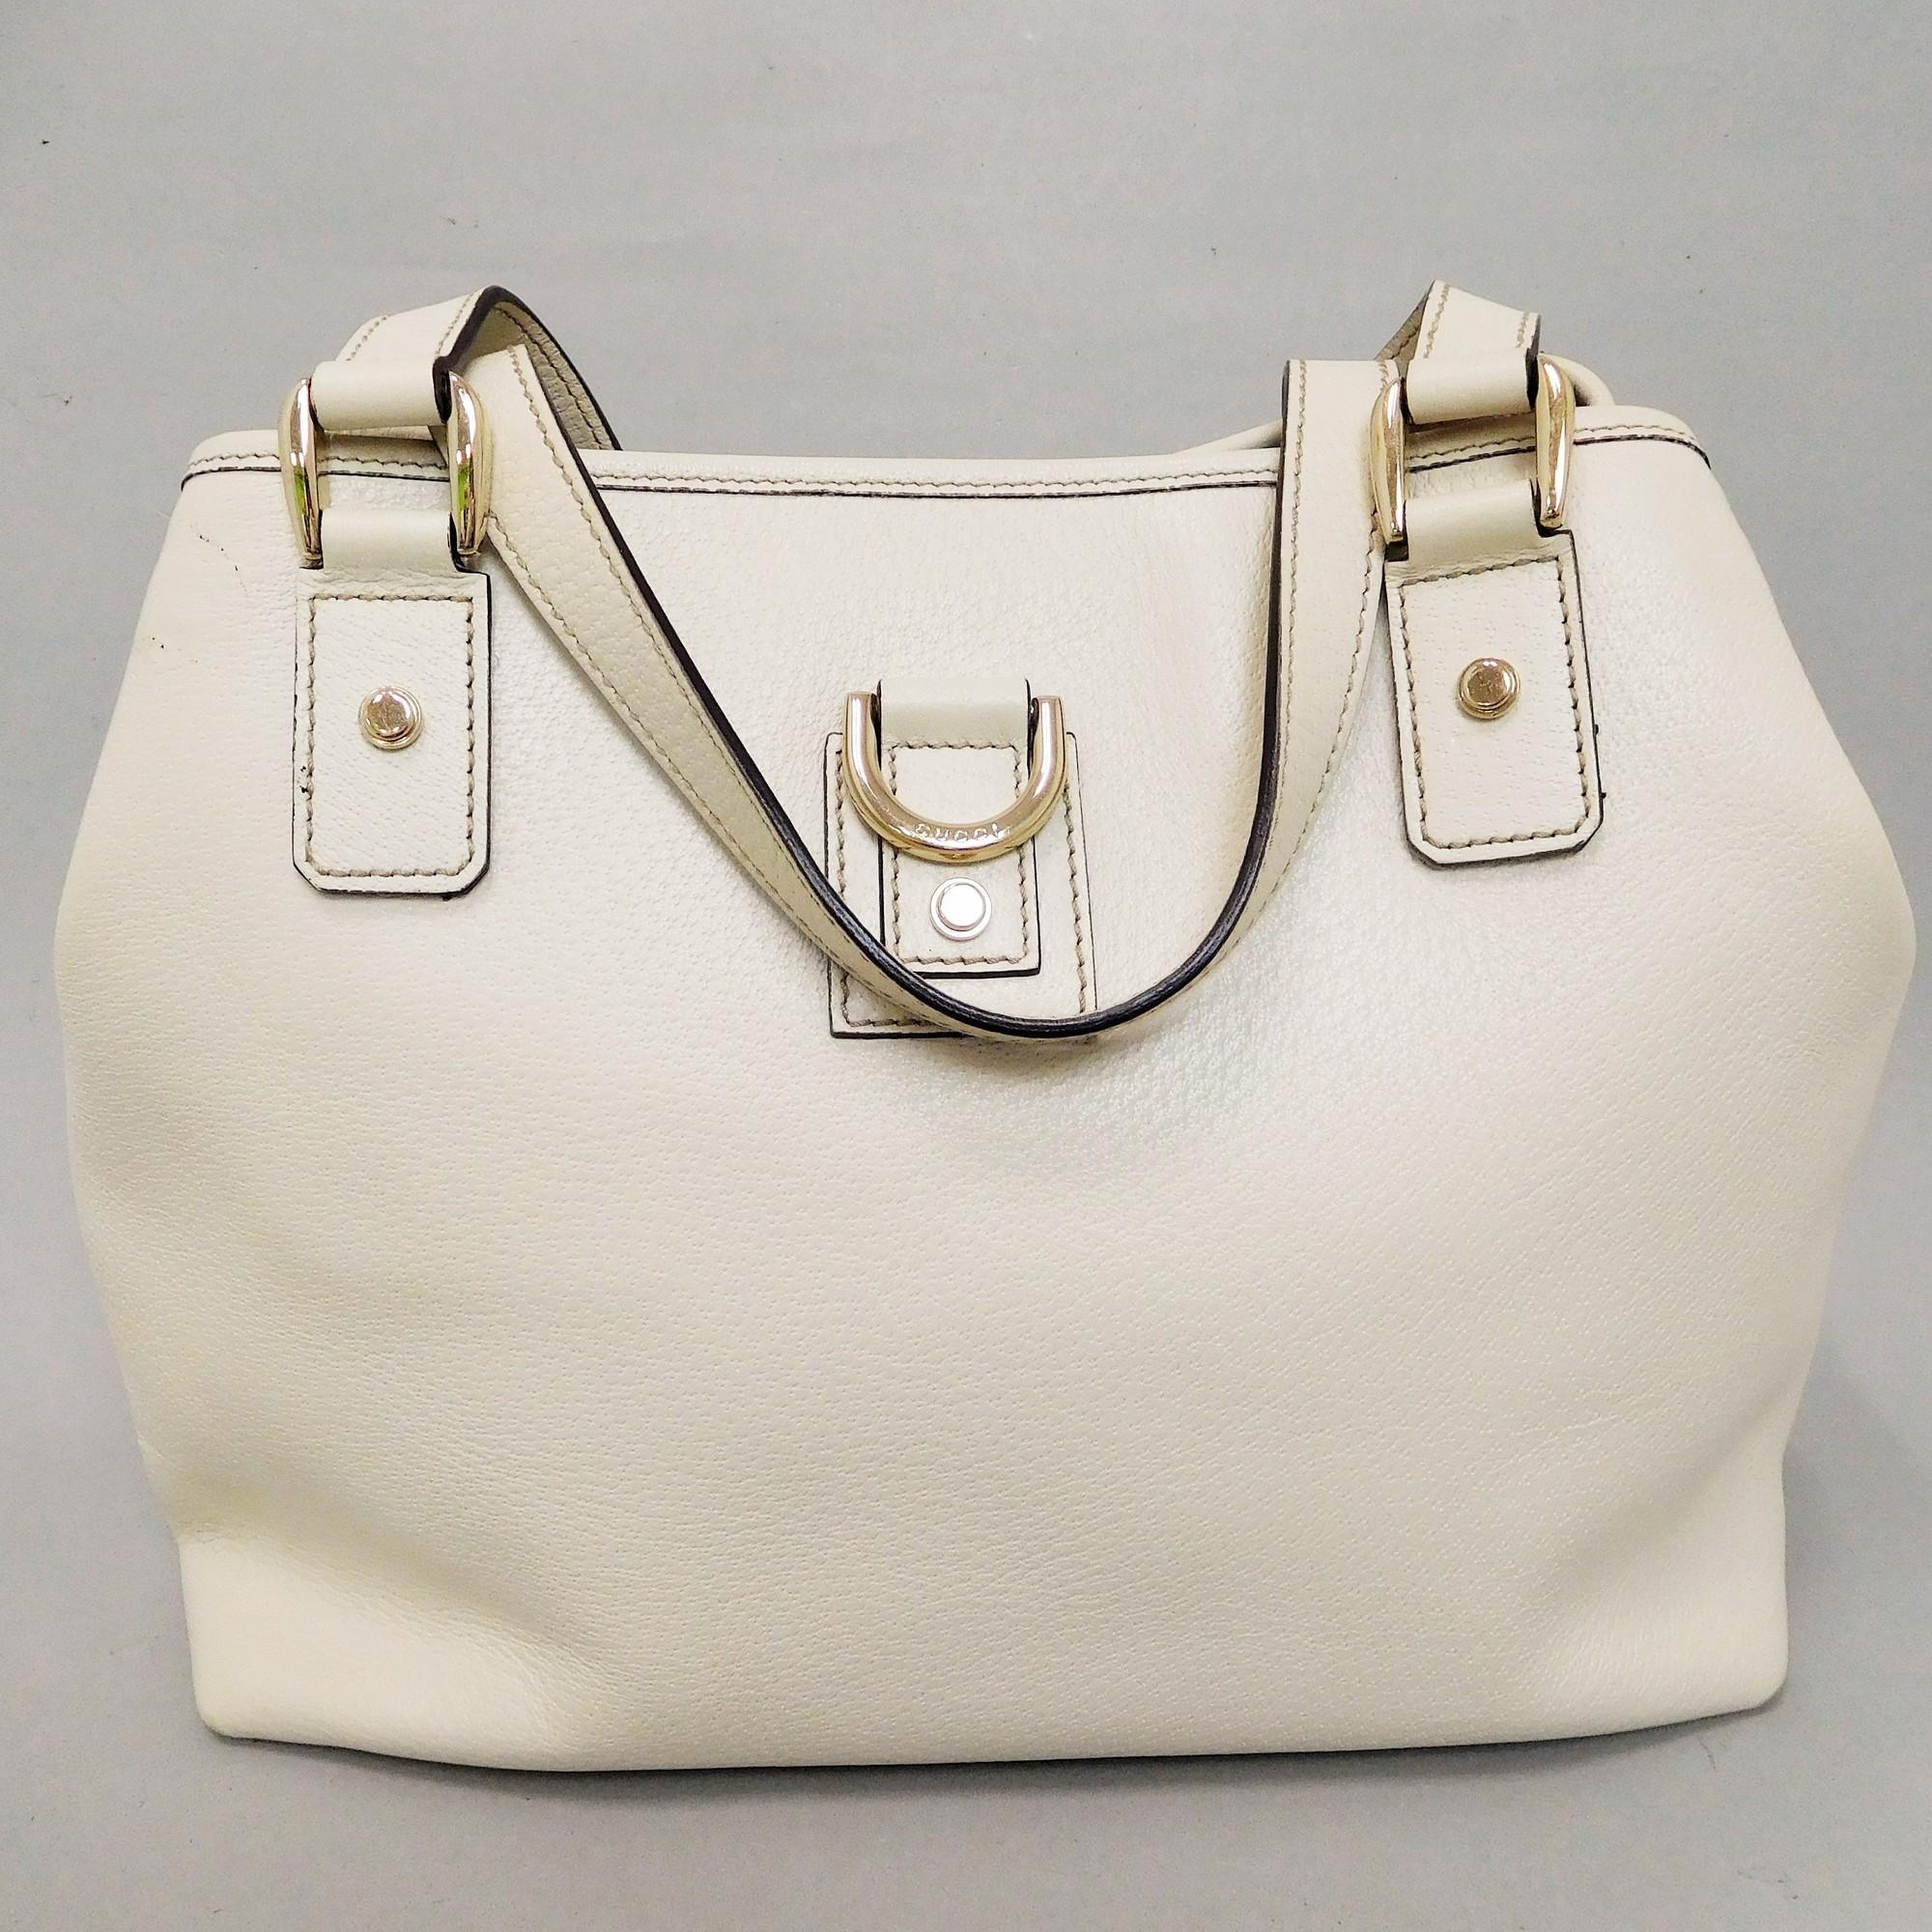 f15d3564c0e Auth Gucci Abbey 197018 Leather Handbag White